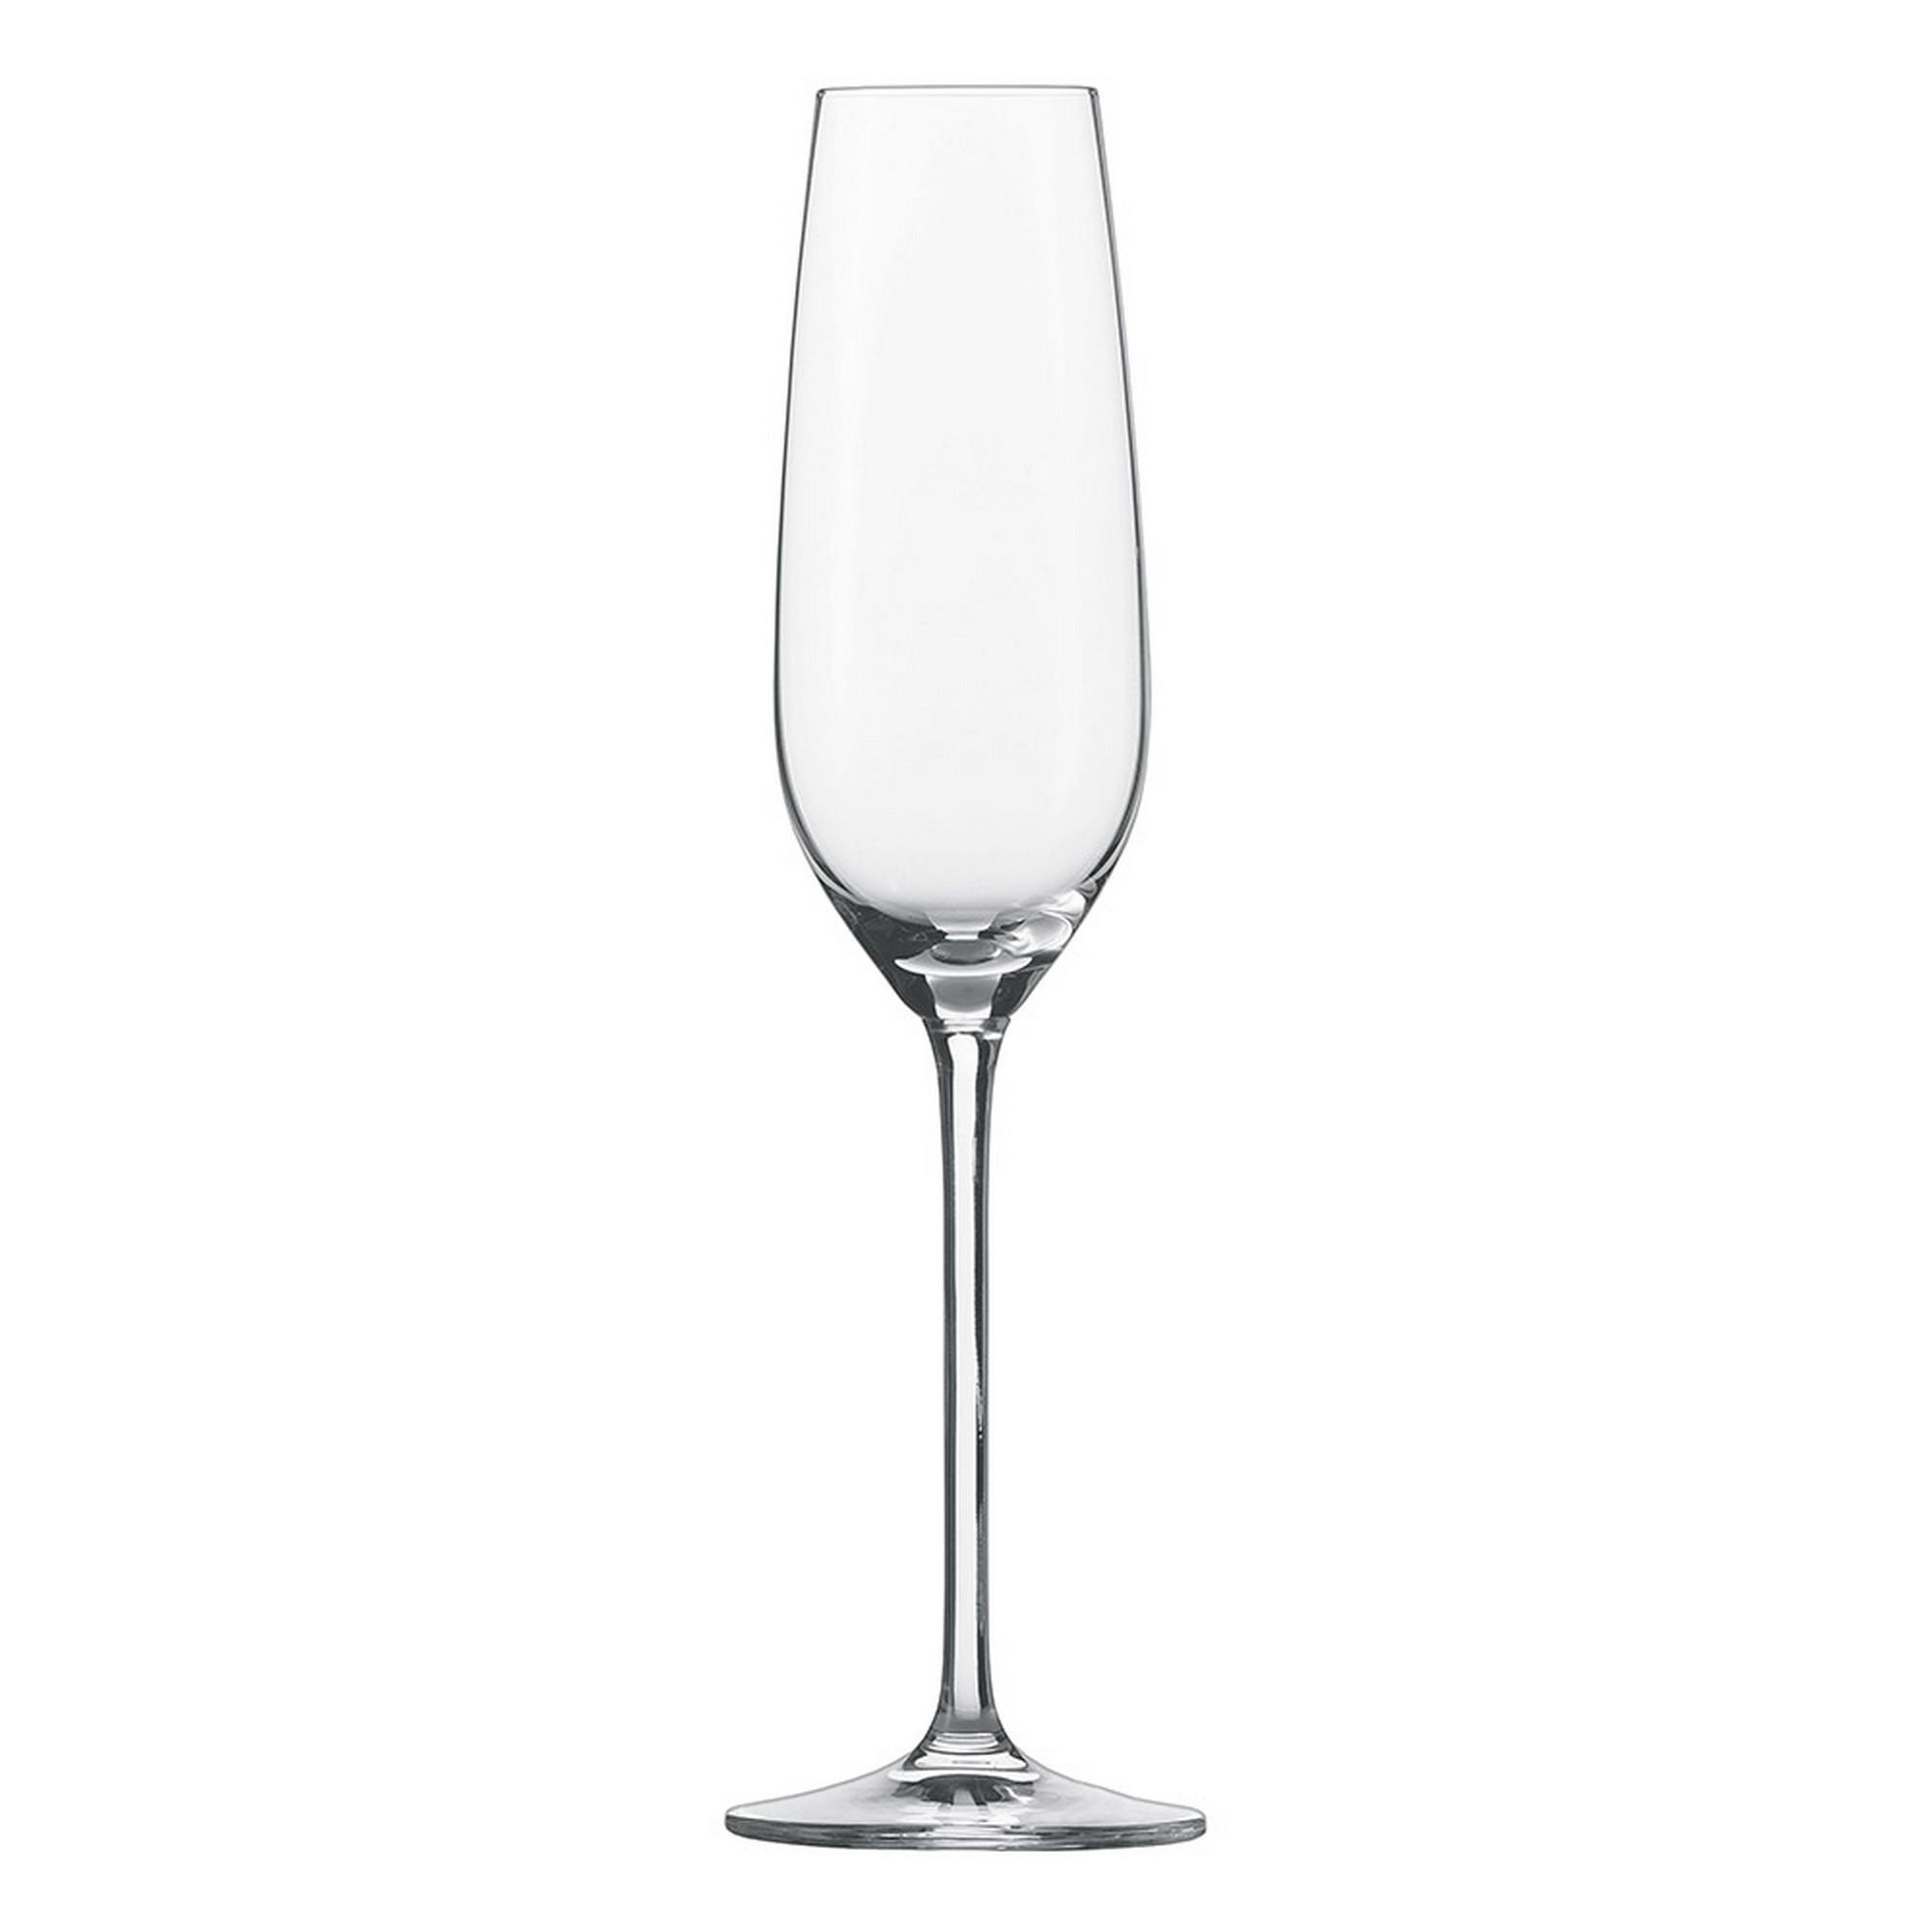 Taça para Champagne 240ml Schott Zwiesel Fortissimo 6 Peças de Cristal